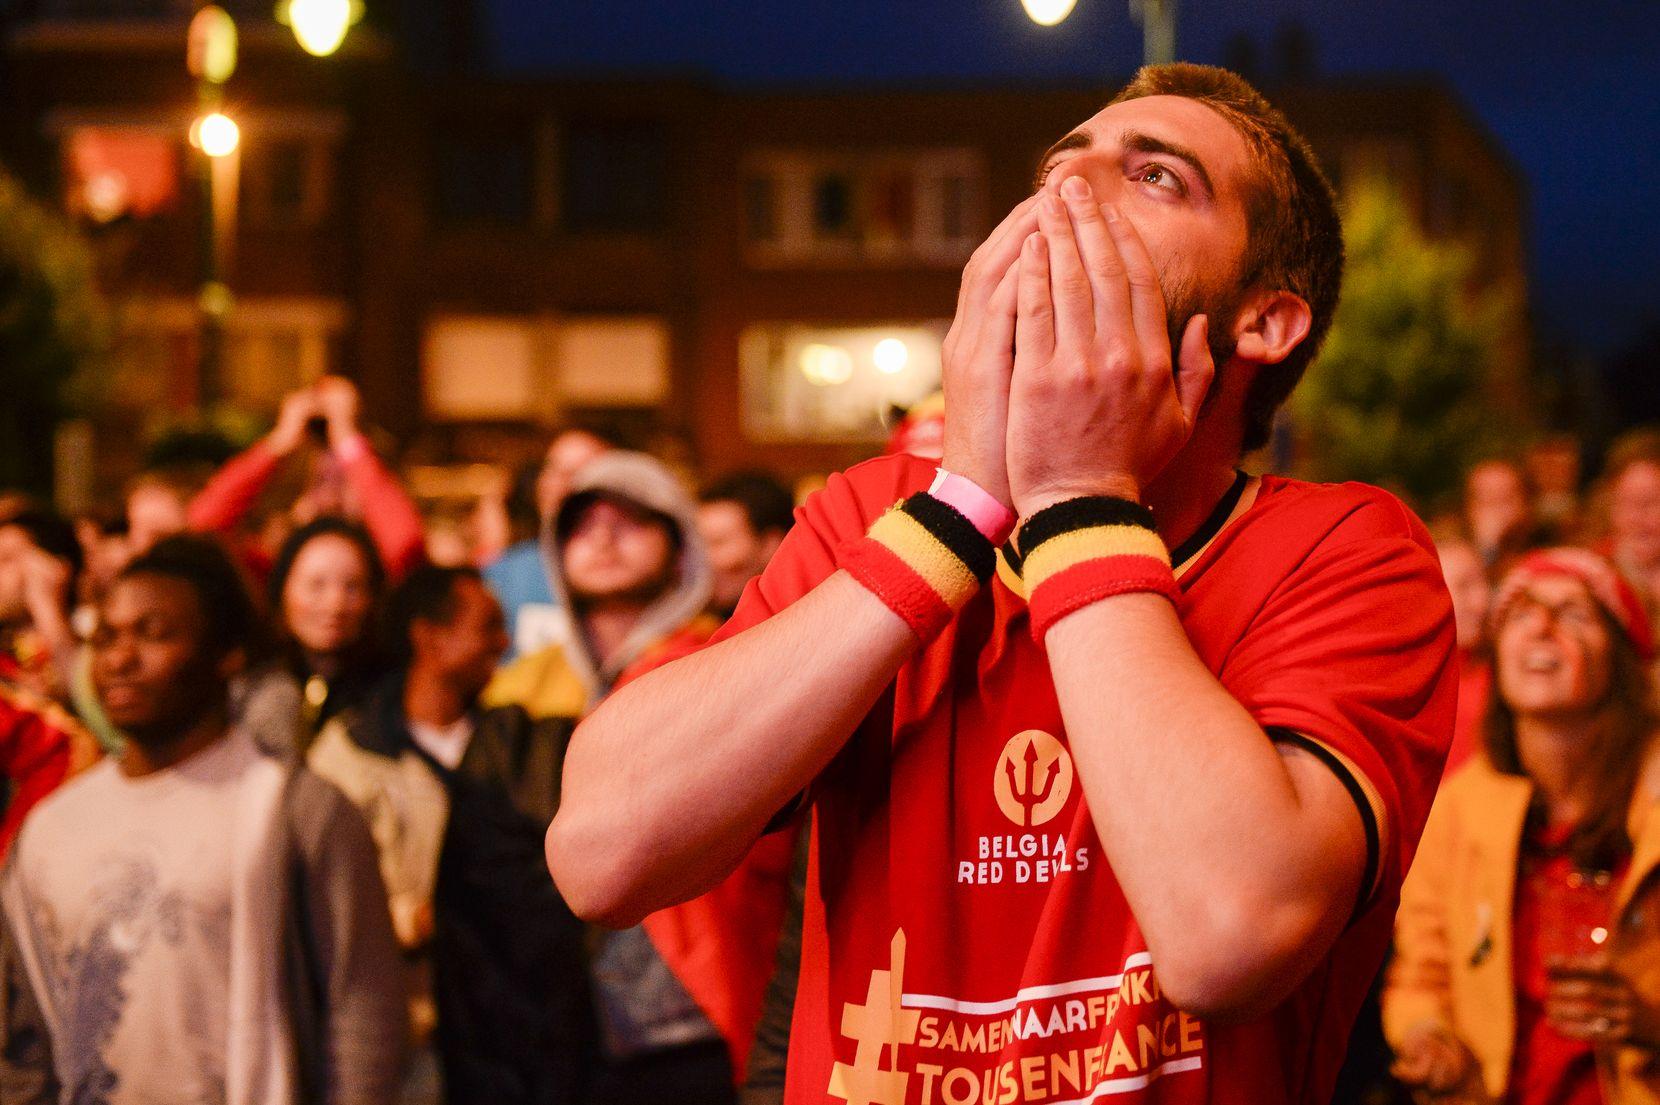 De ontgoocheling bij de supporters was enorm. (foto's belga)